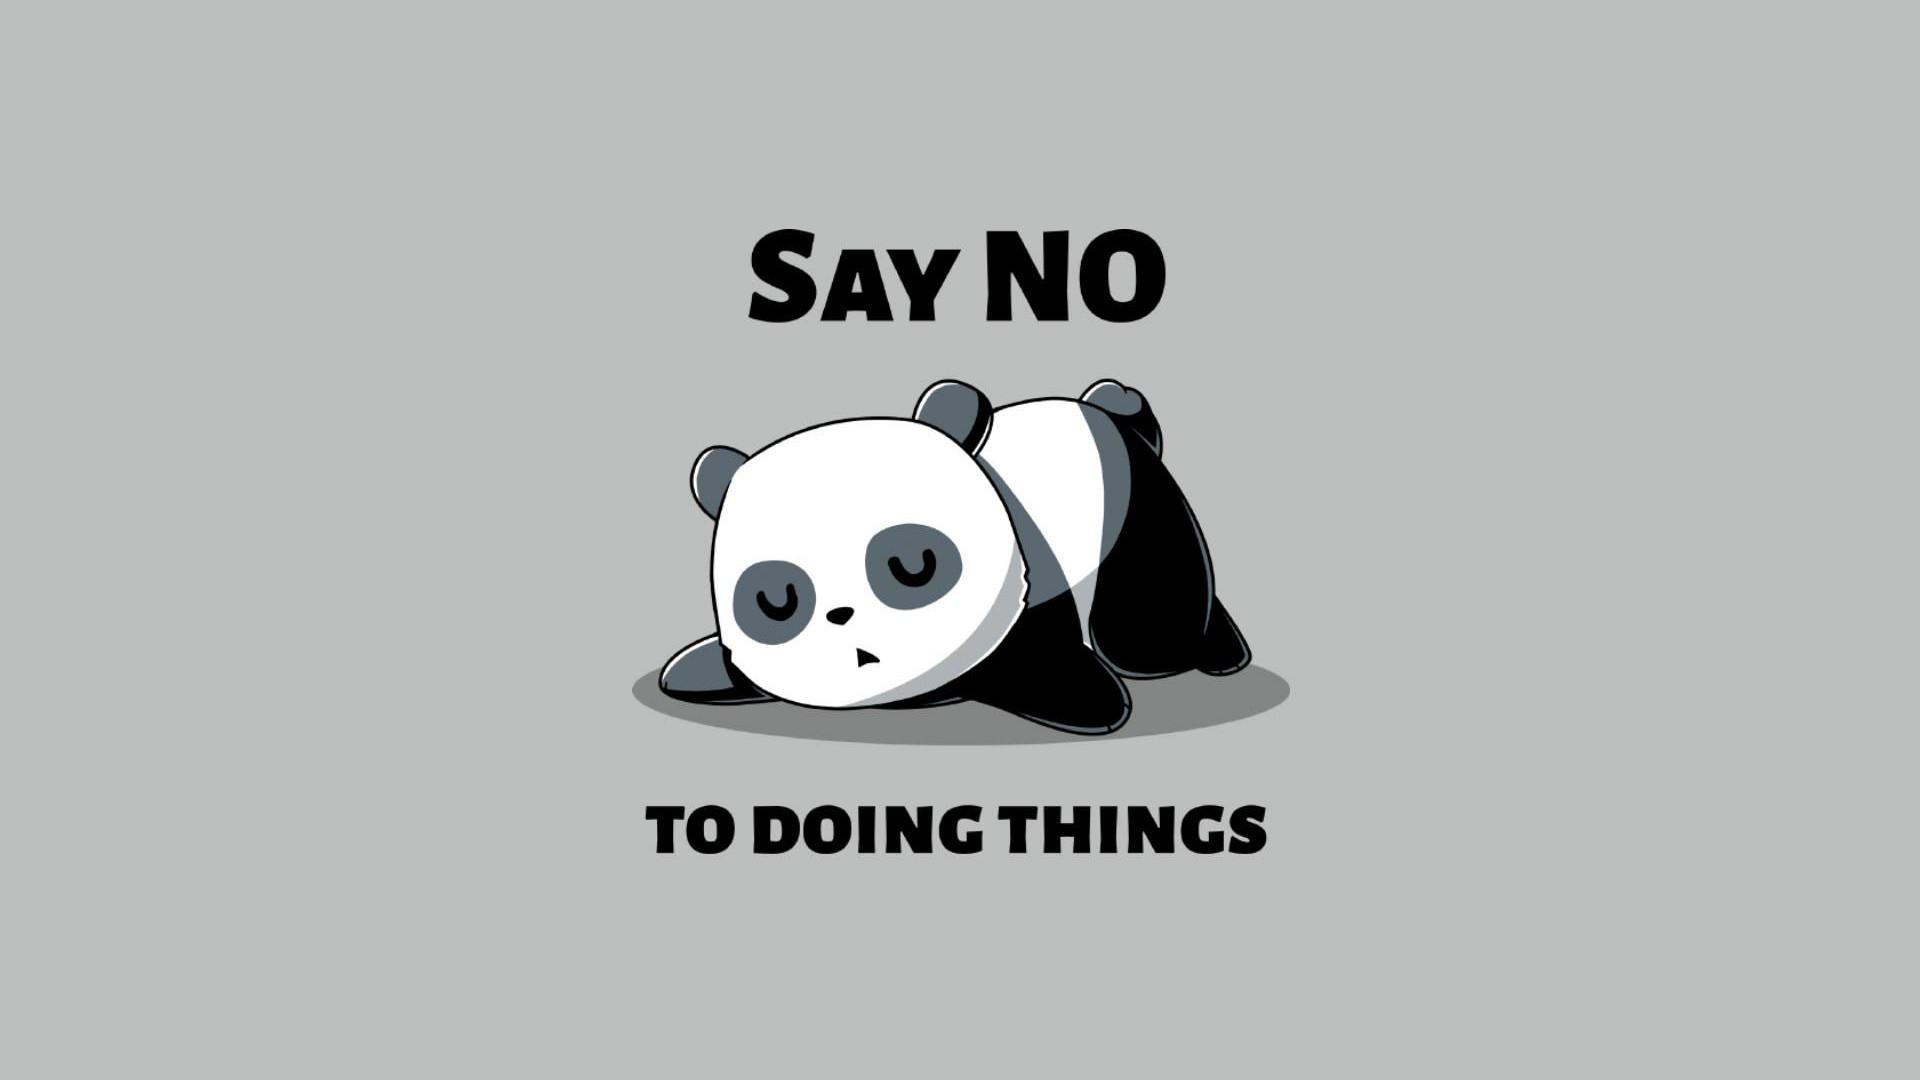 Fond Décran 1920x1080 Px Humour Panda Fond Simple